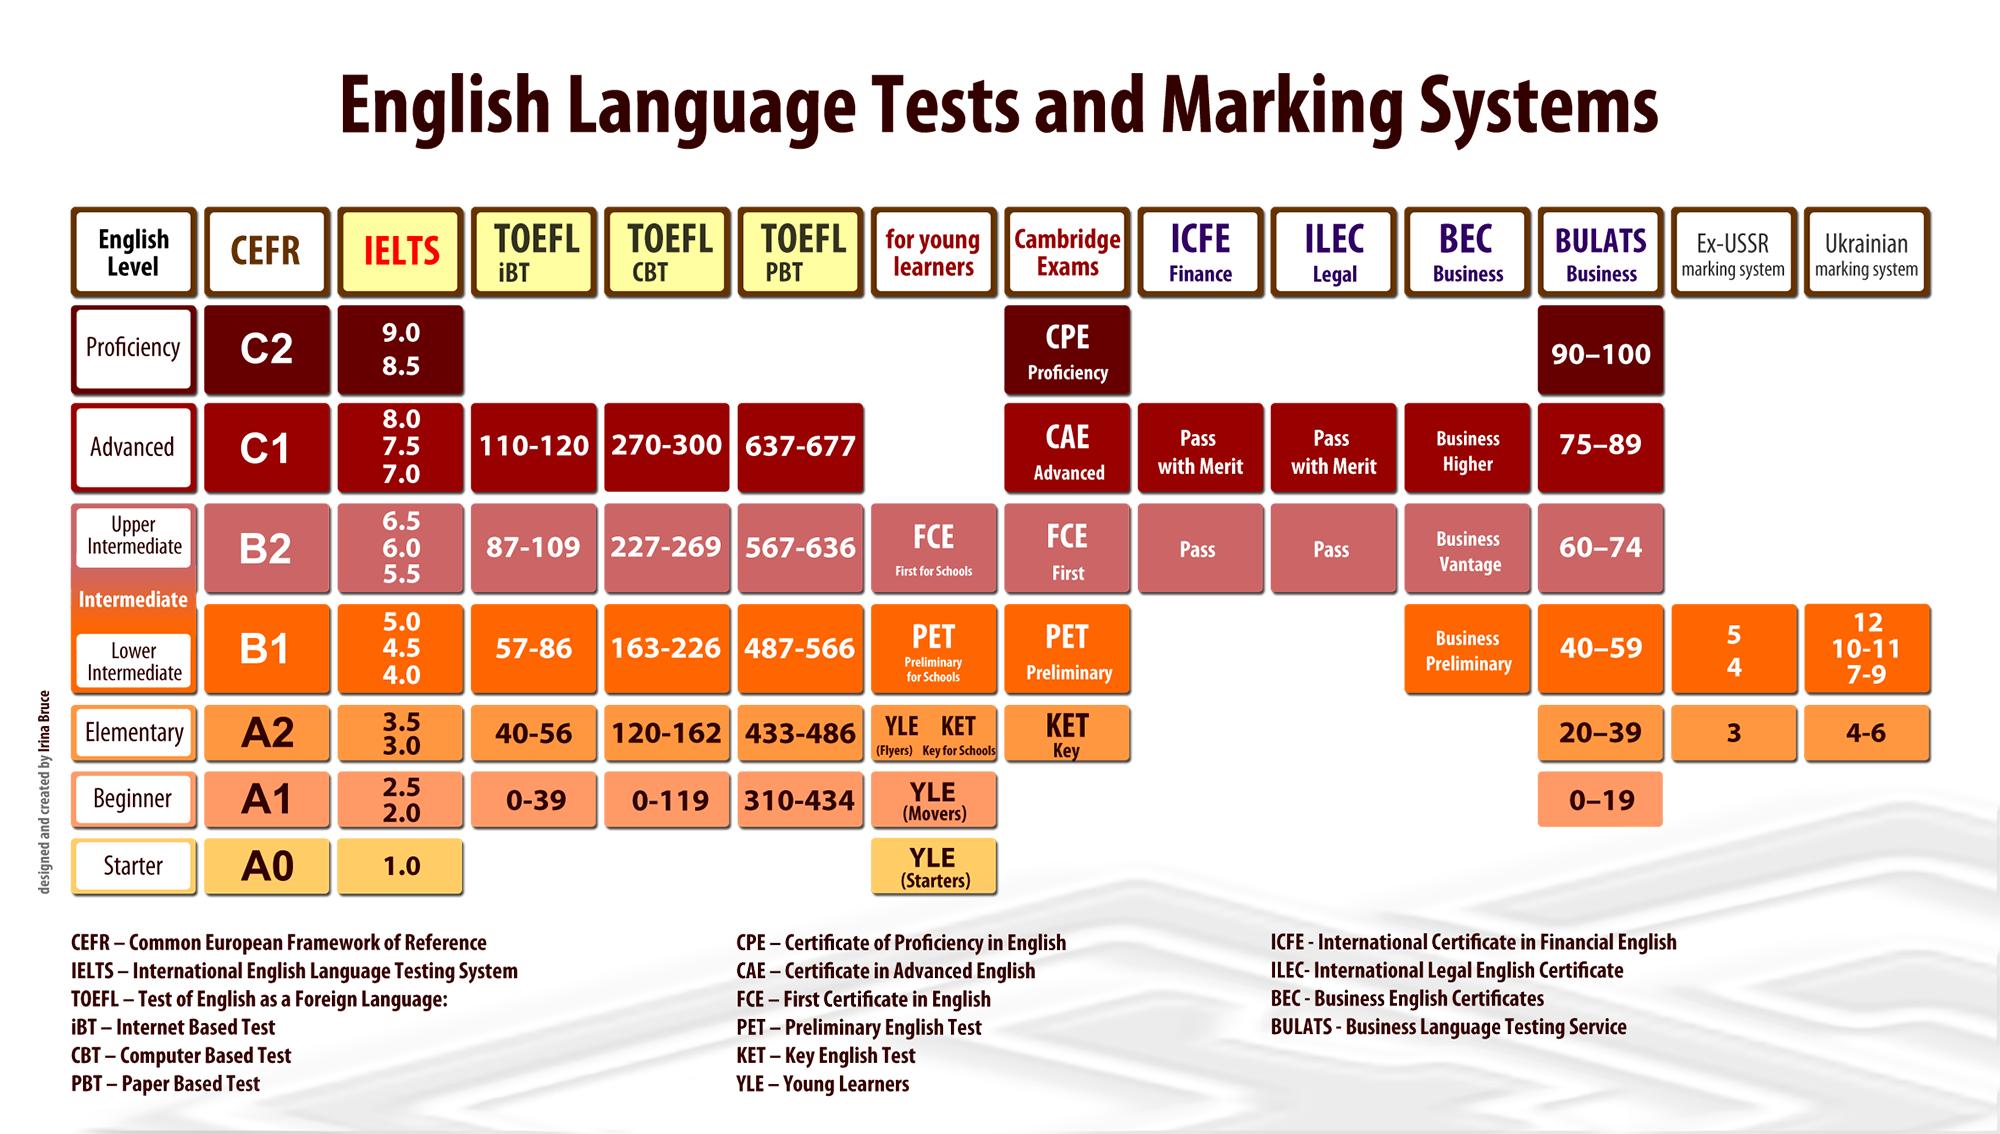 Международная шкала уровней и их соответствие международным экзаменам. Аббревиатура CEFR означает общеевропейскую систему оценки уровня языка, специально разработанную для применения к любому европейскому языку